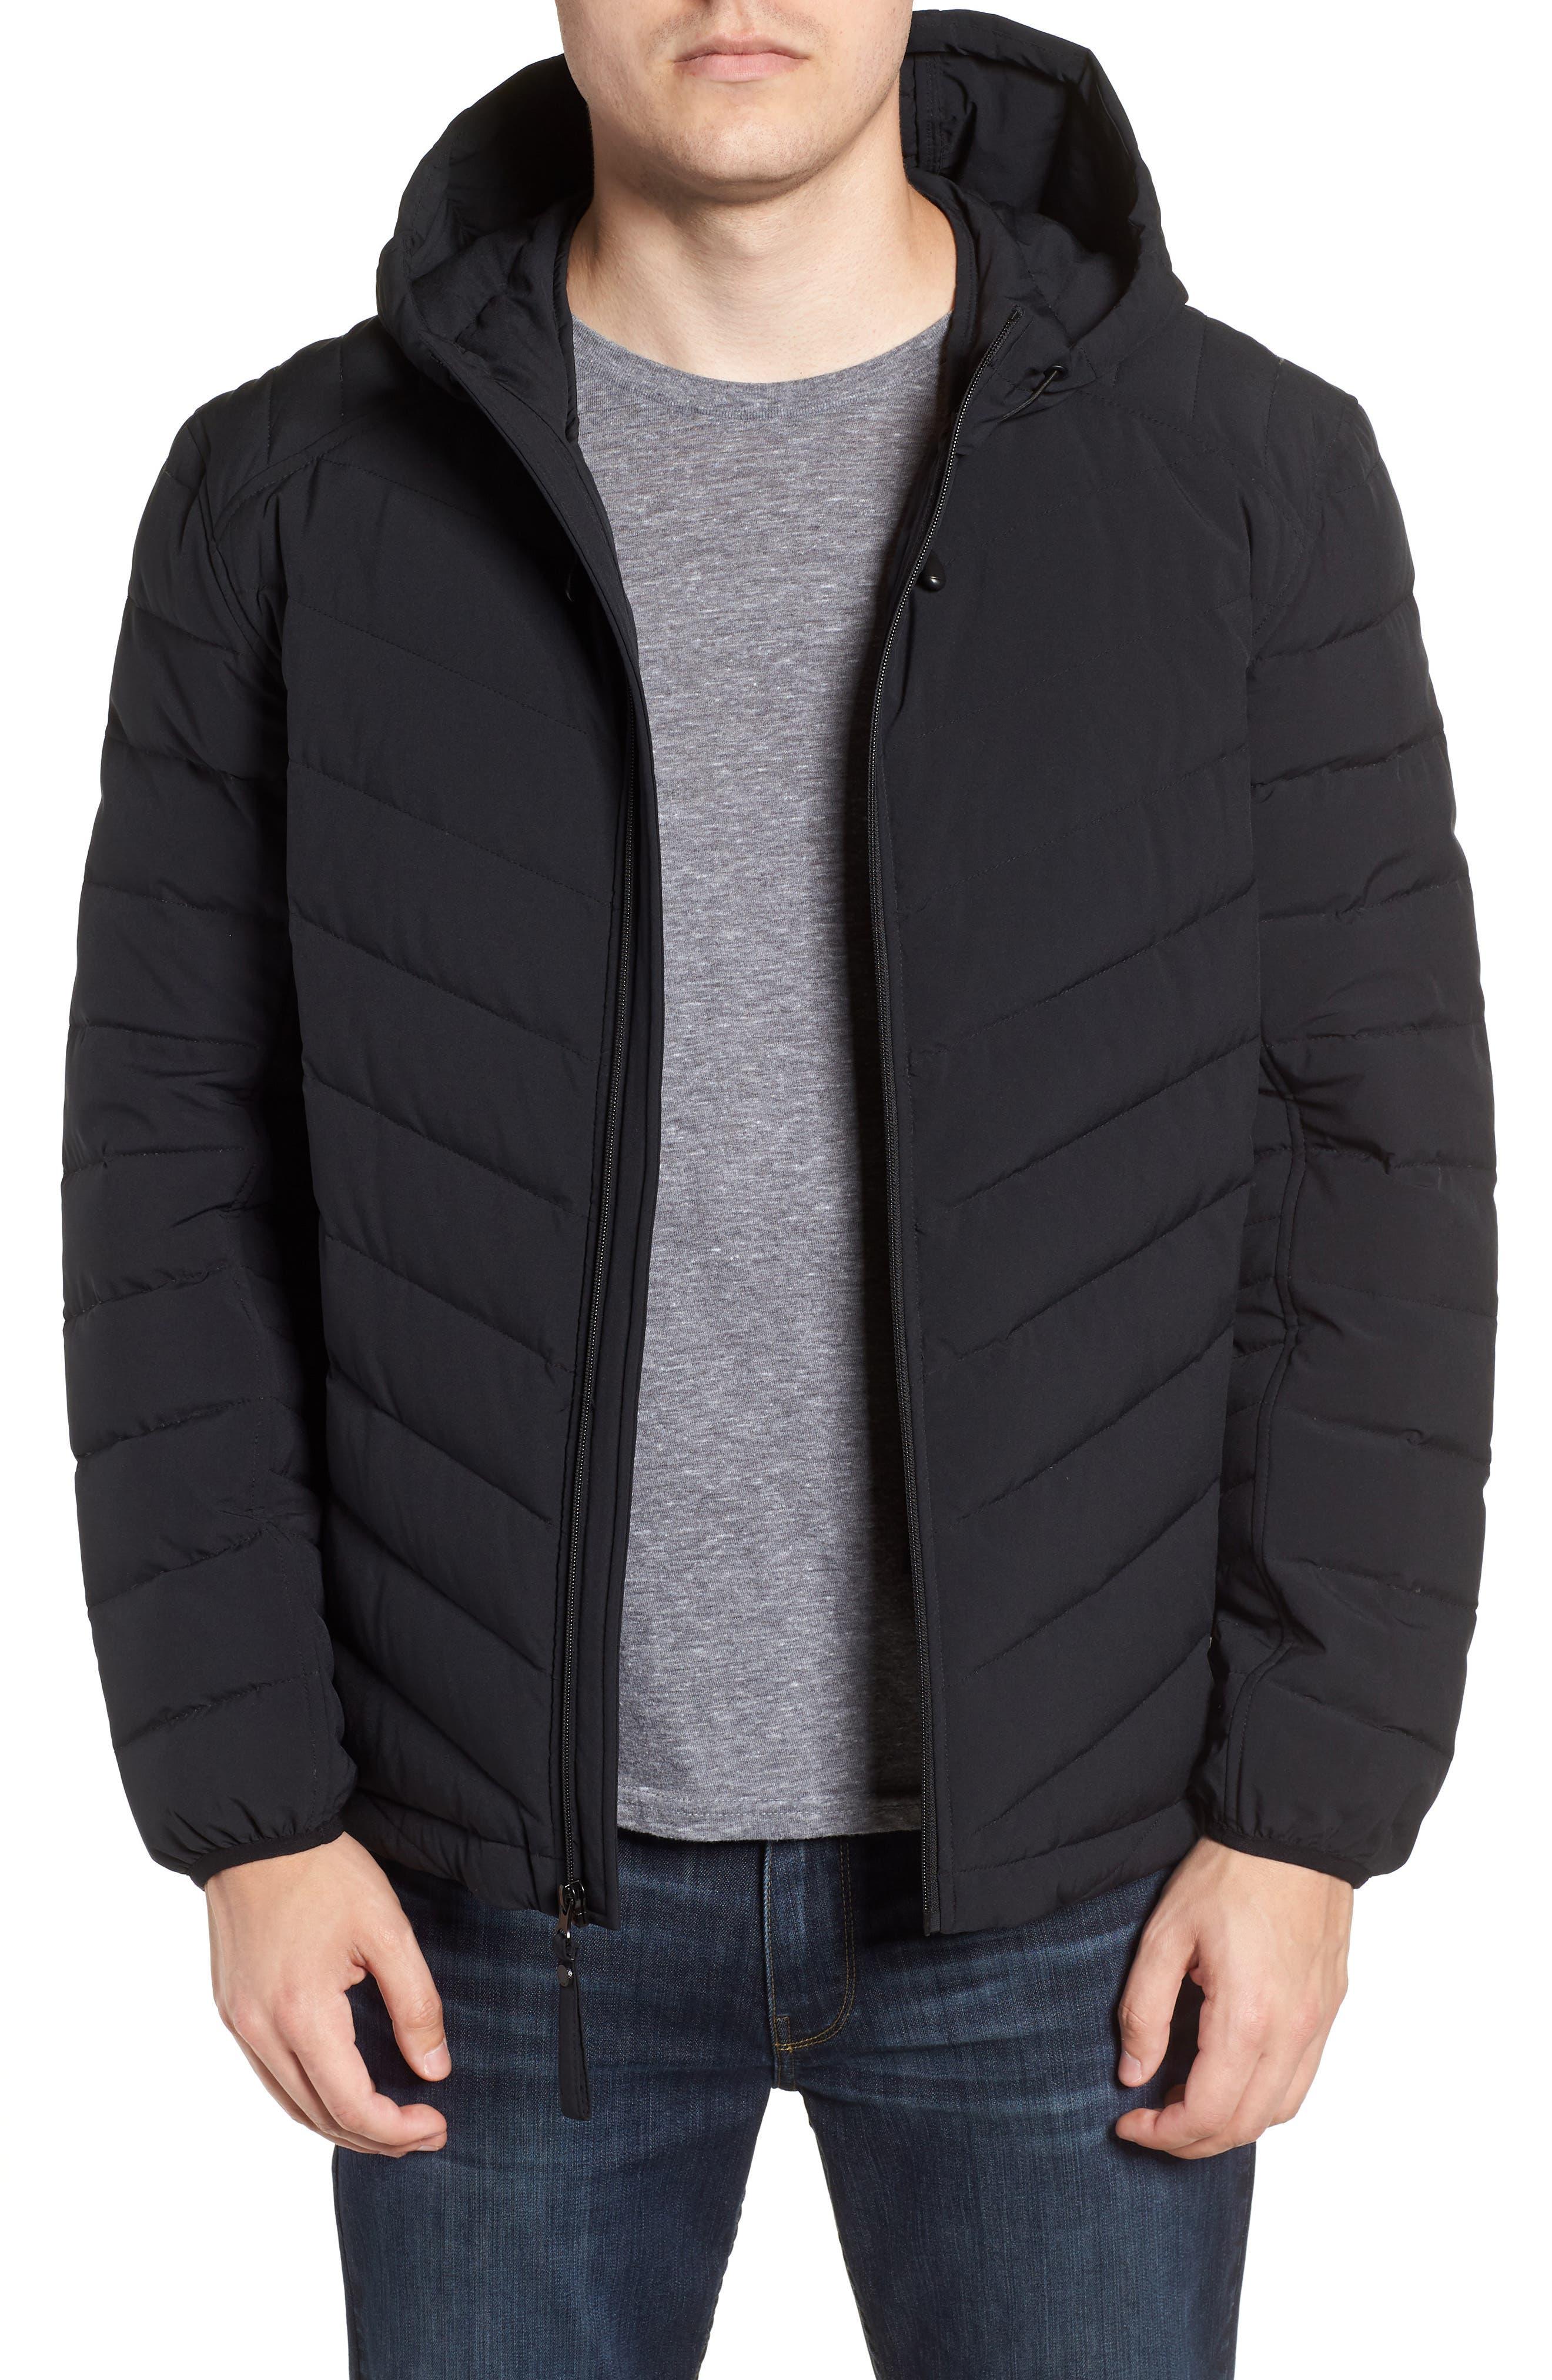 MARC NEW YORK Delavan Down Hooded Jacket, Main, color, BLACK